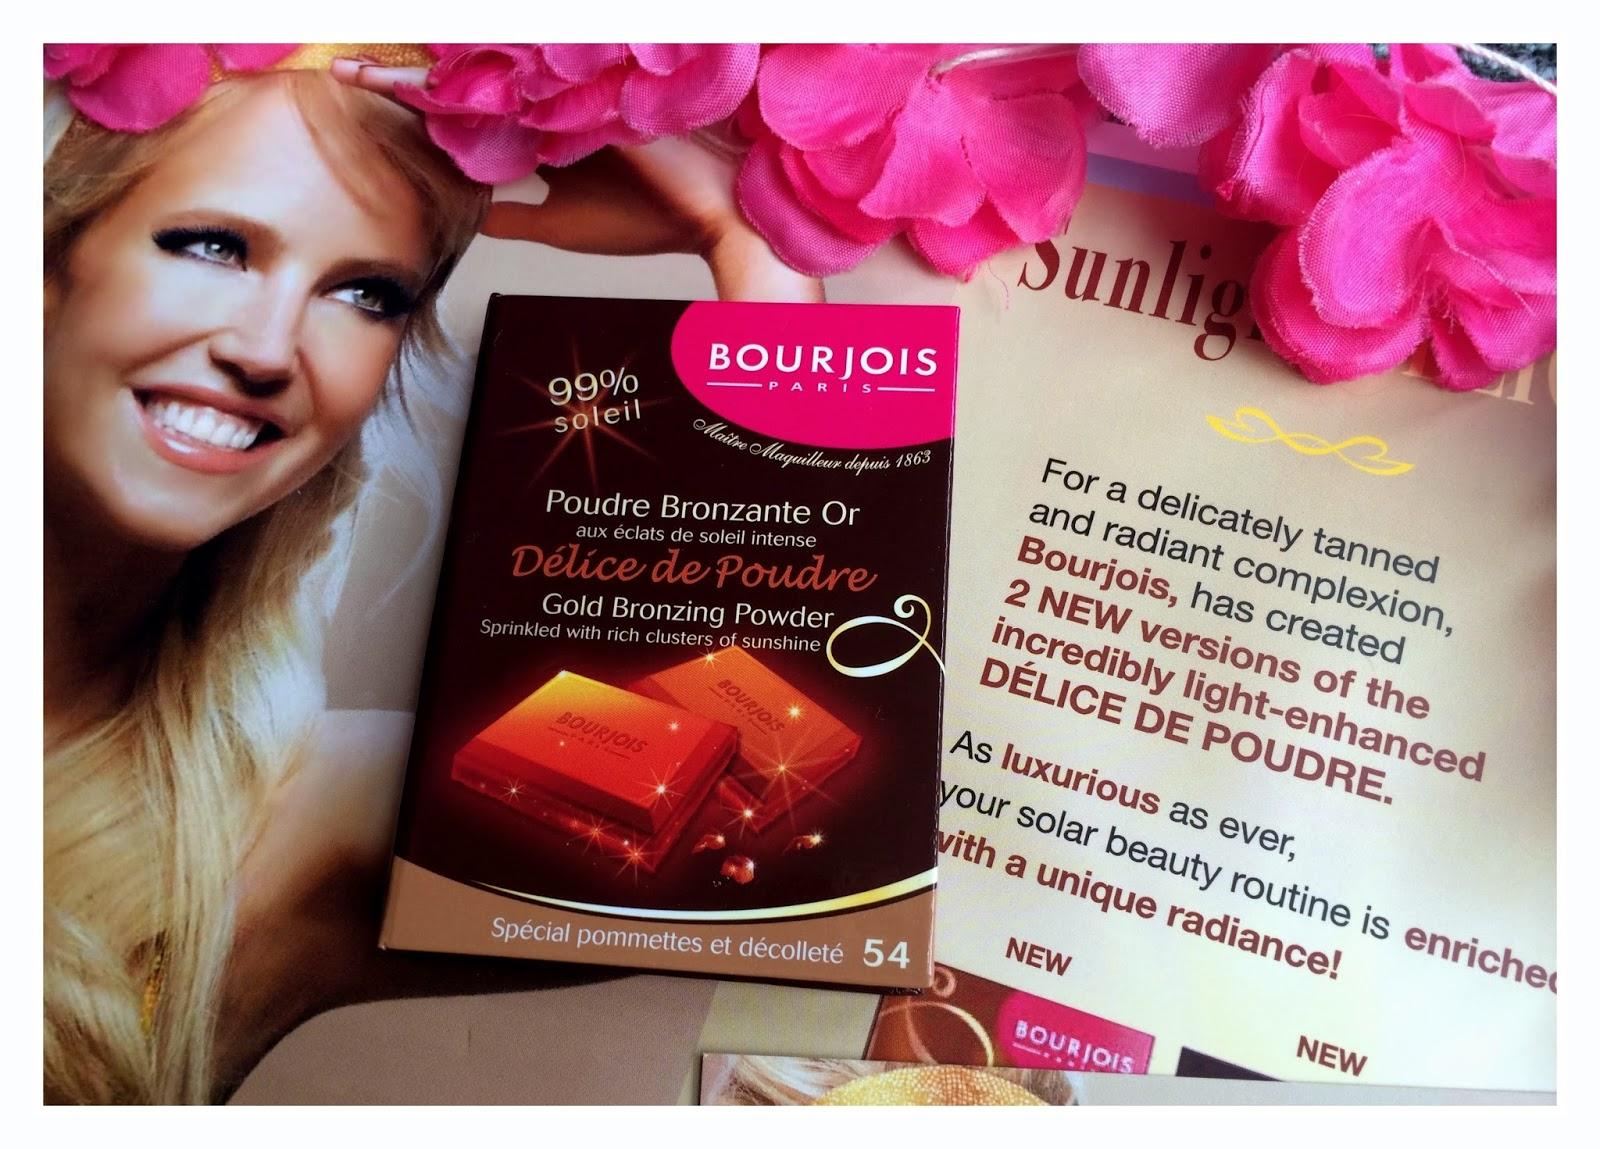 bourjois-delice-de-poudre-gold-bronzing-powder-review